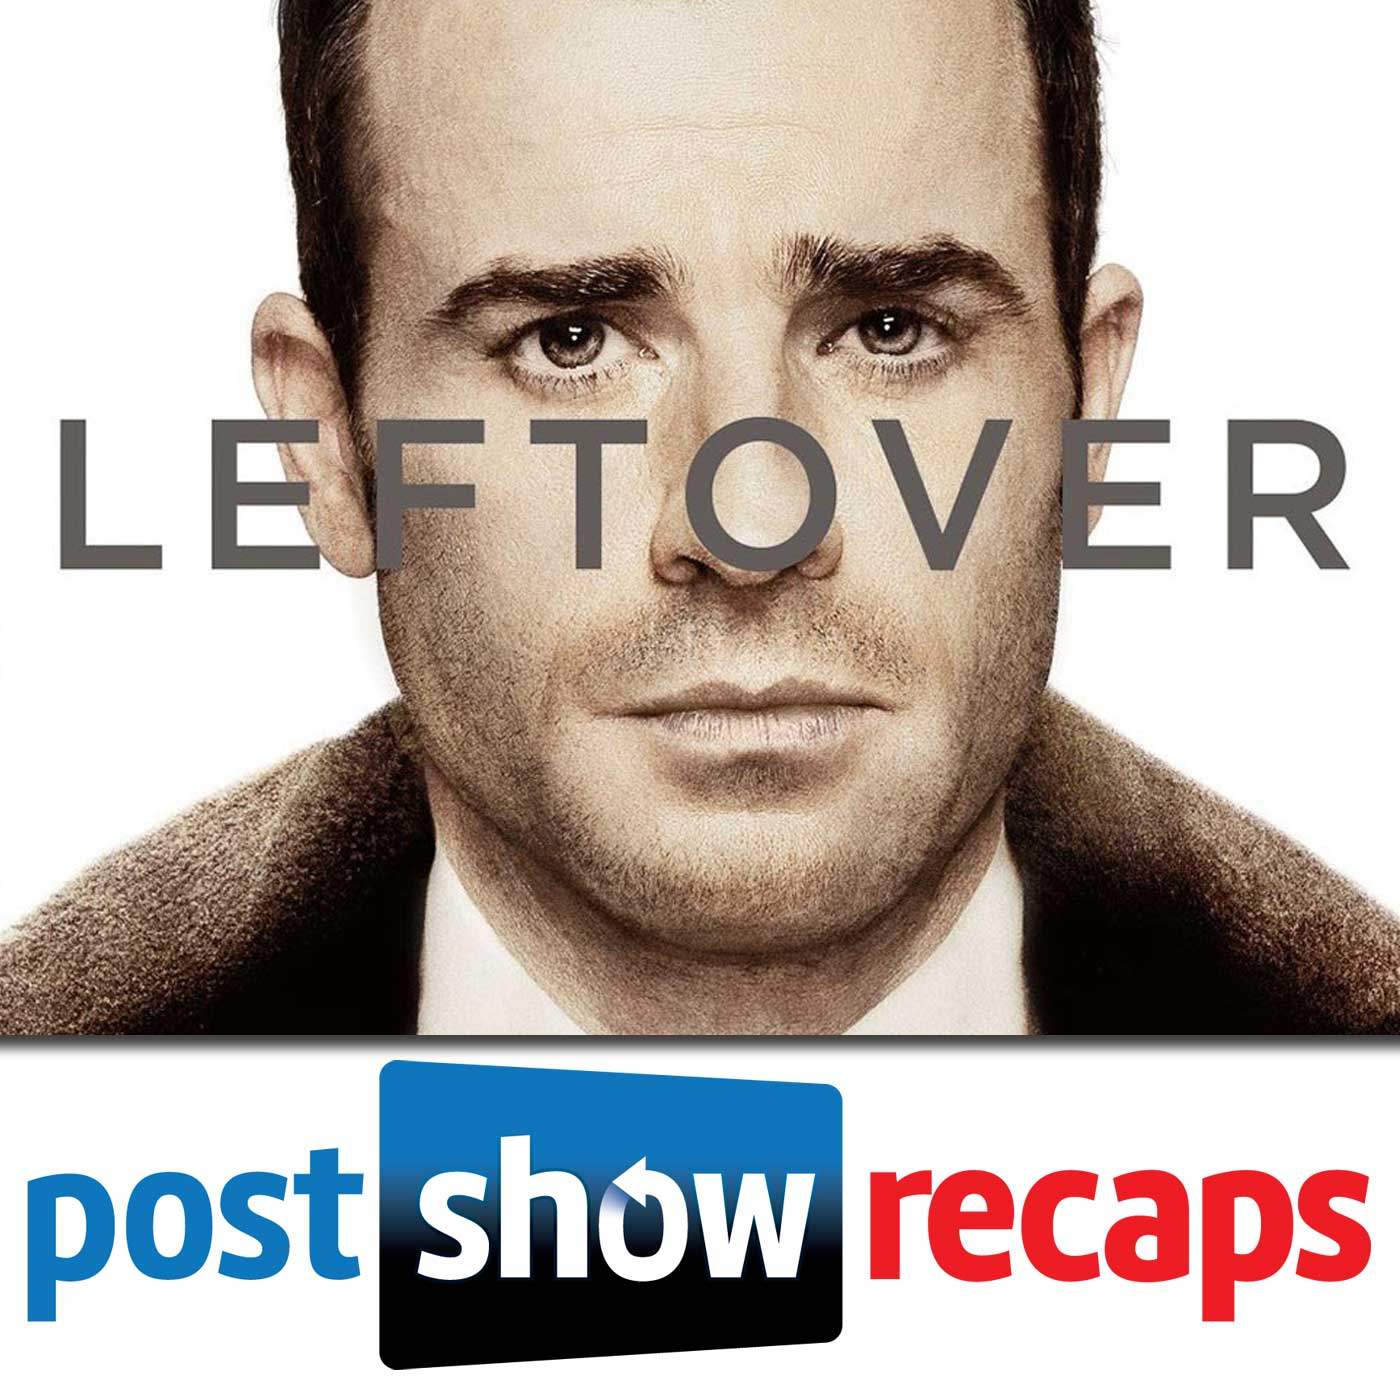 The Leftovers – Post Show Recaps